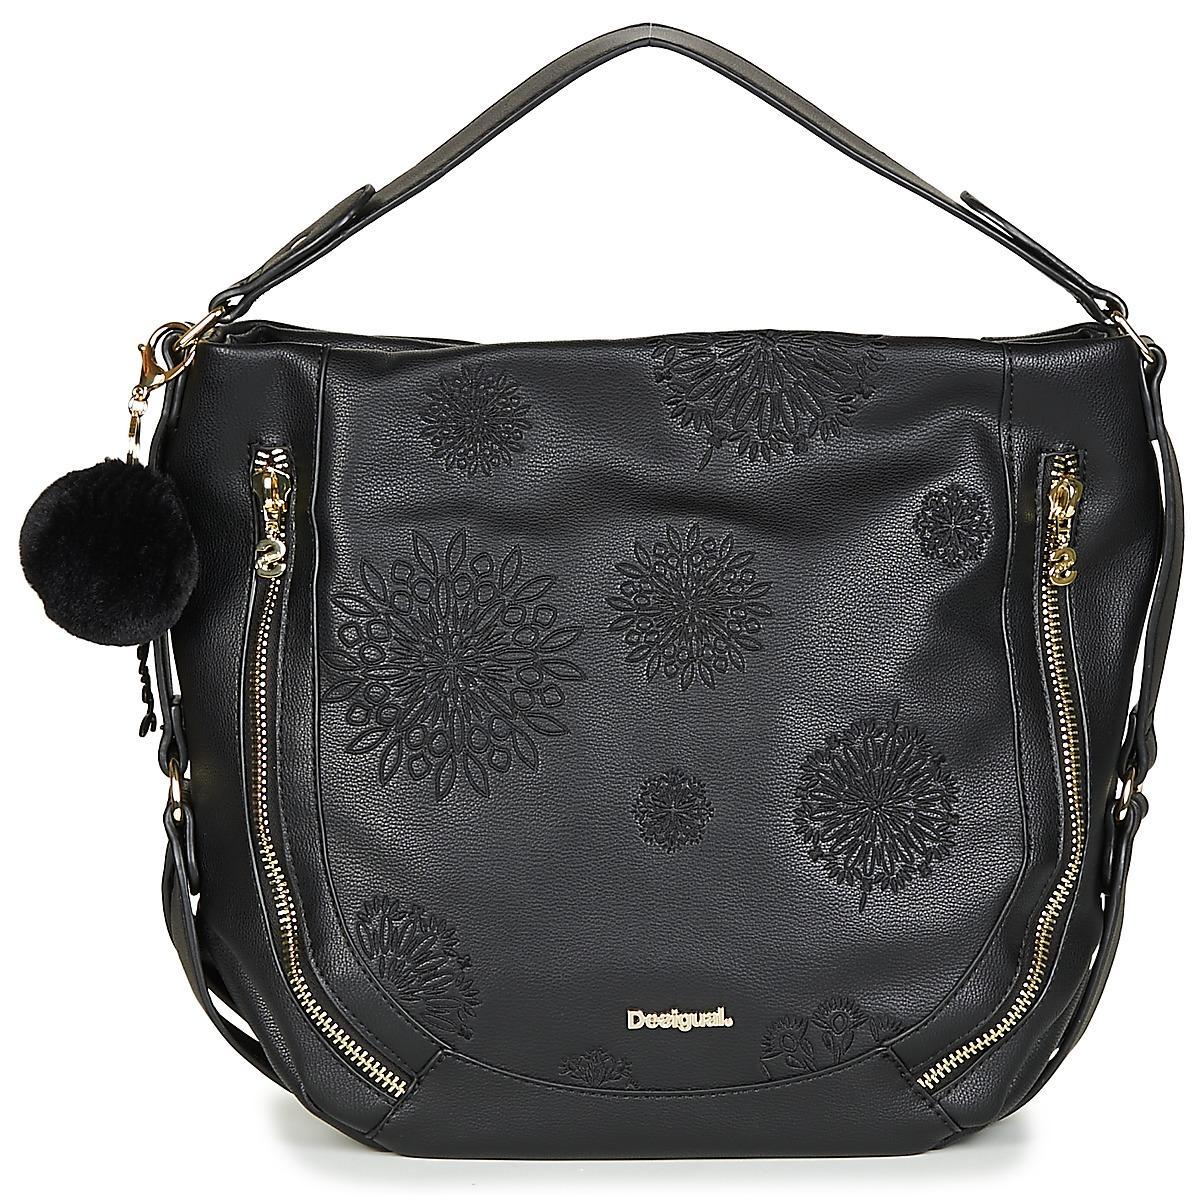 Desigual Bols Aleida Marteta Shoulder Bag in Black - Lyst dd7bae06eac14